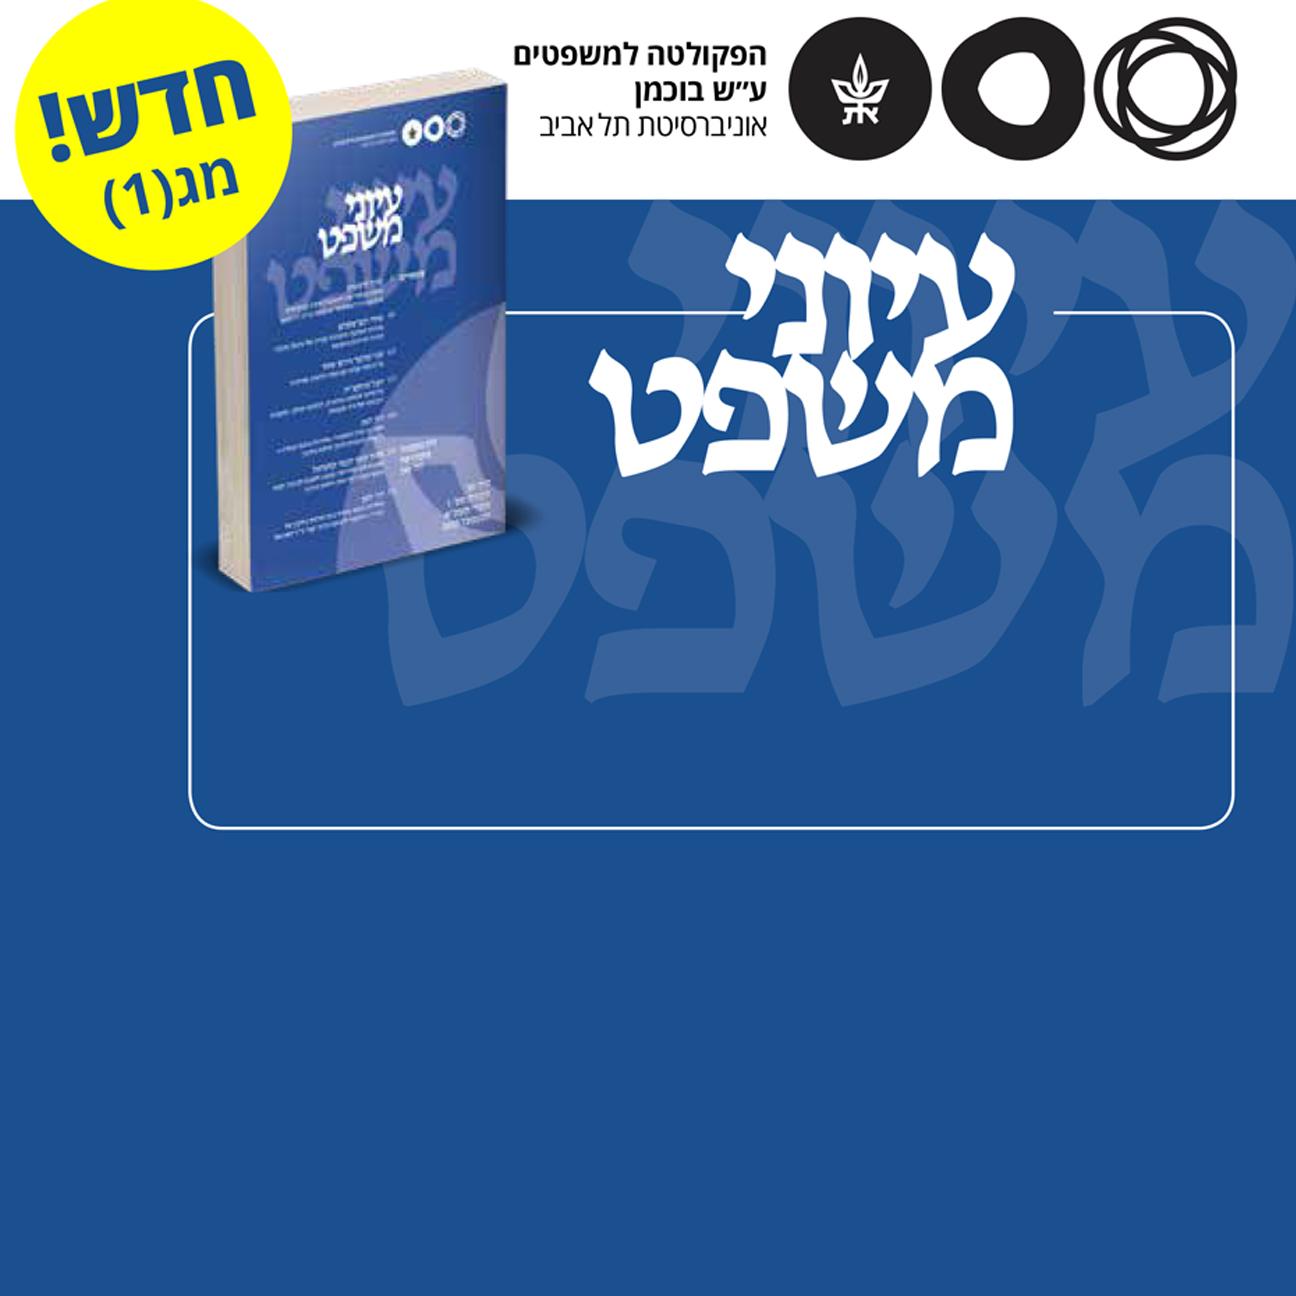 כרך מג(1) של כתב העת ''עיוני משפט'' יצא לאור!